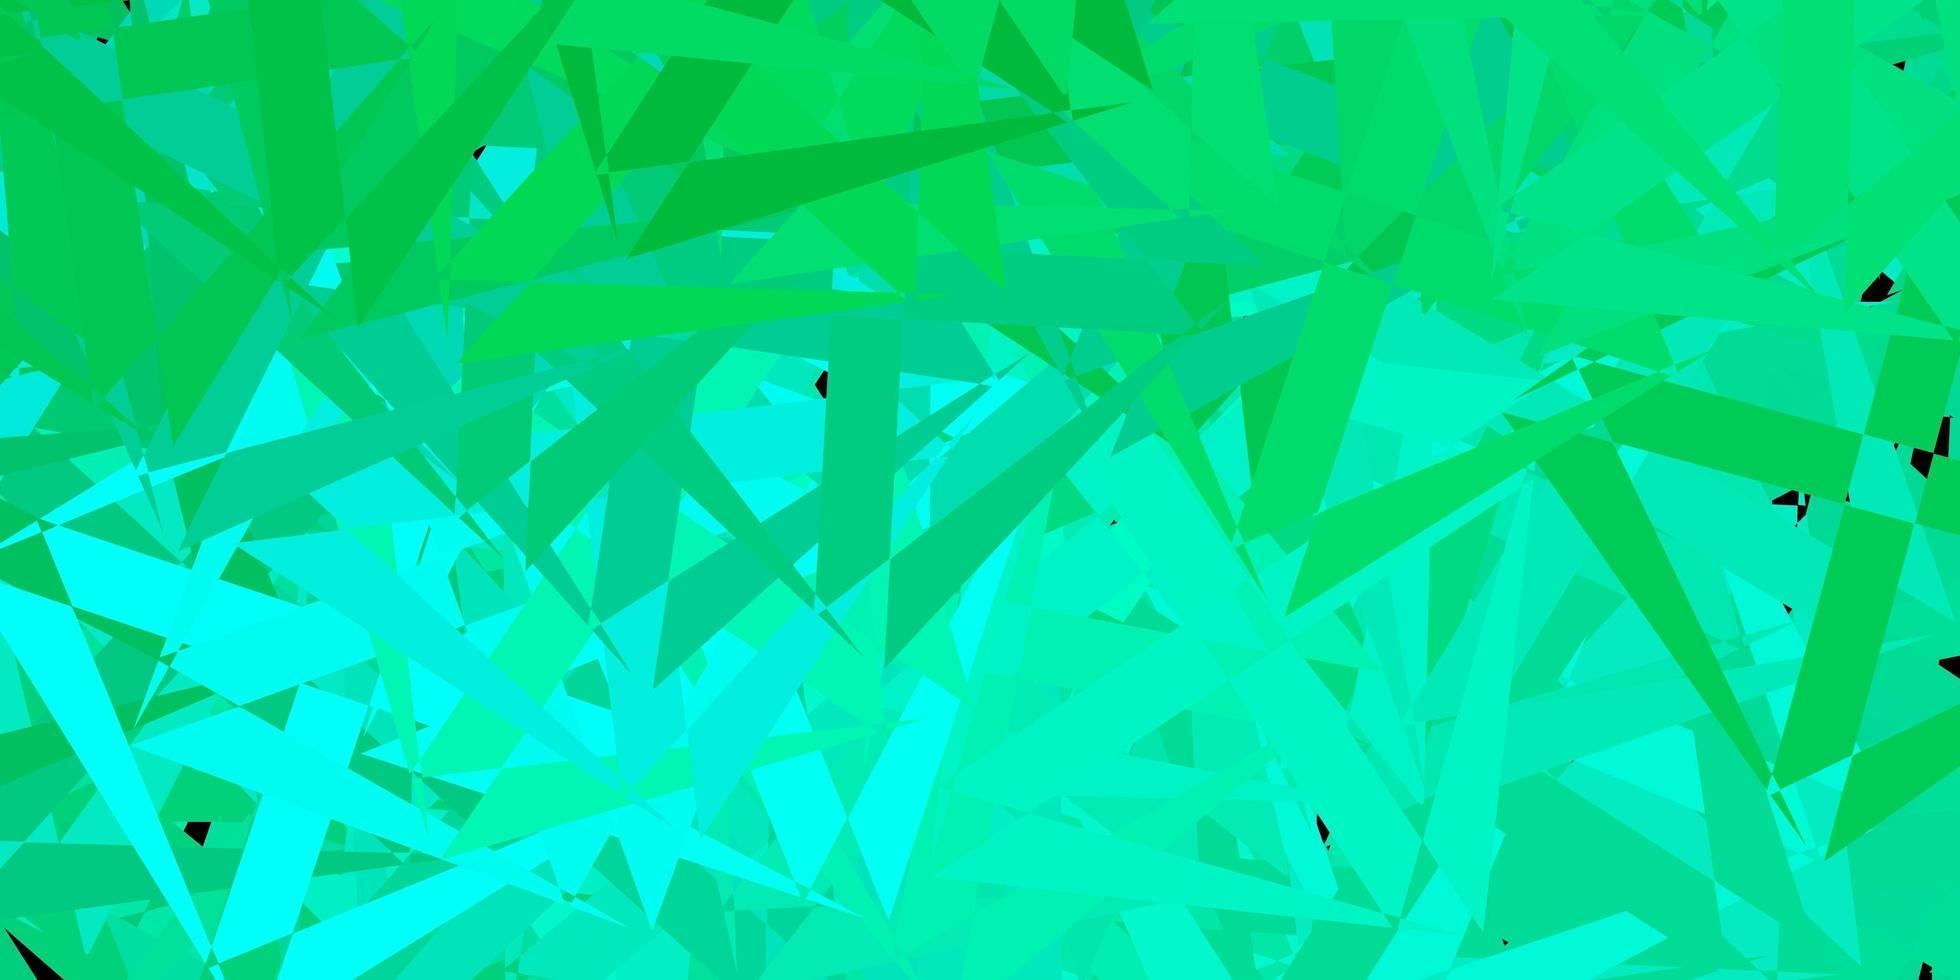 fond de vecteur vert clair avec des triangles.